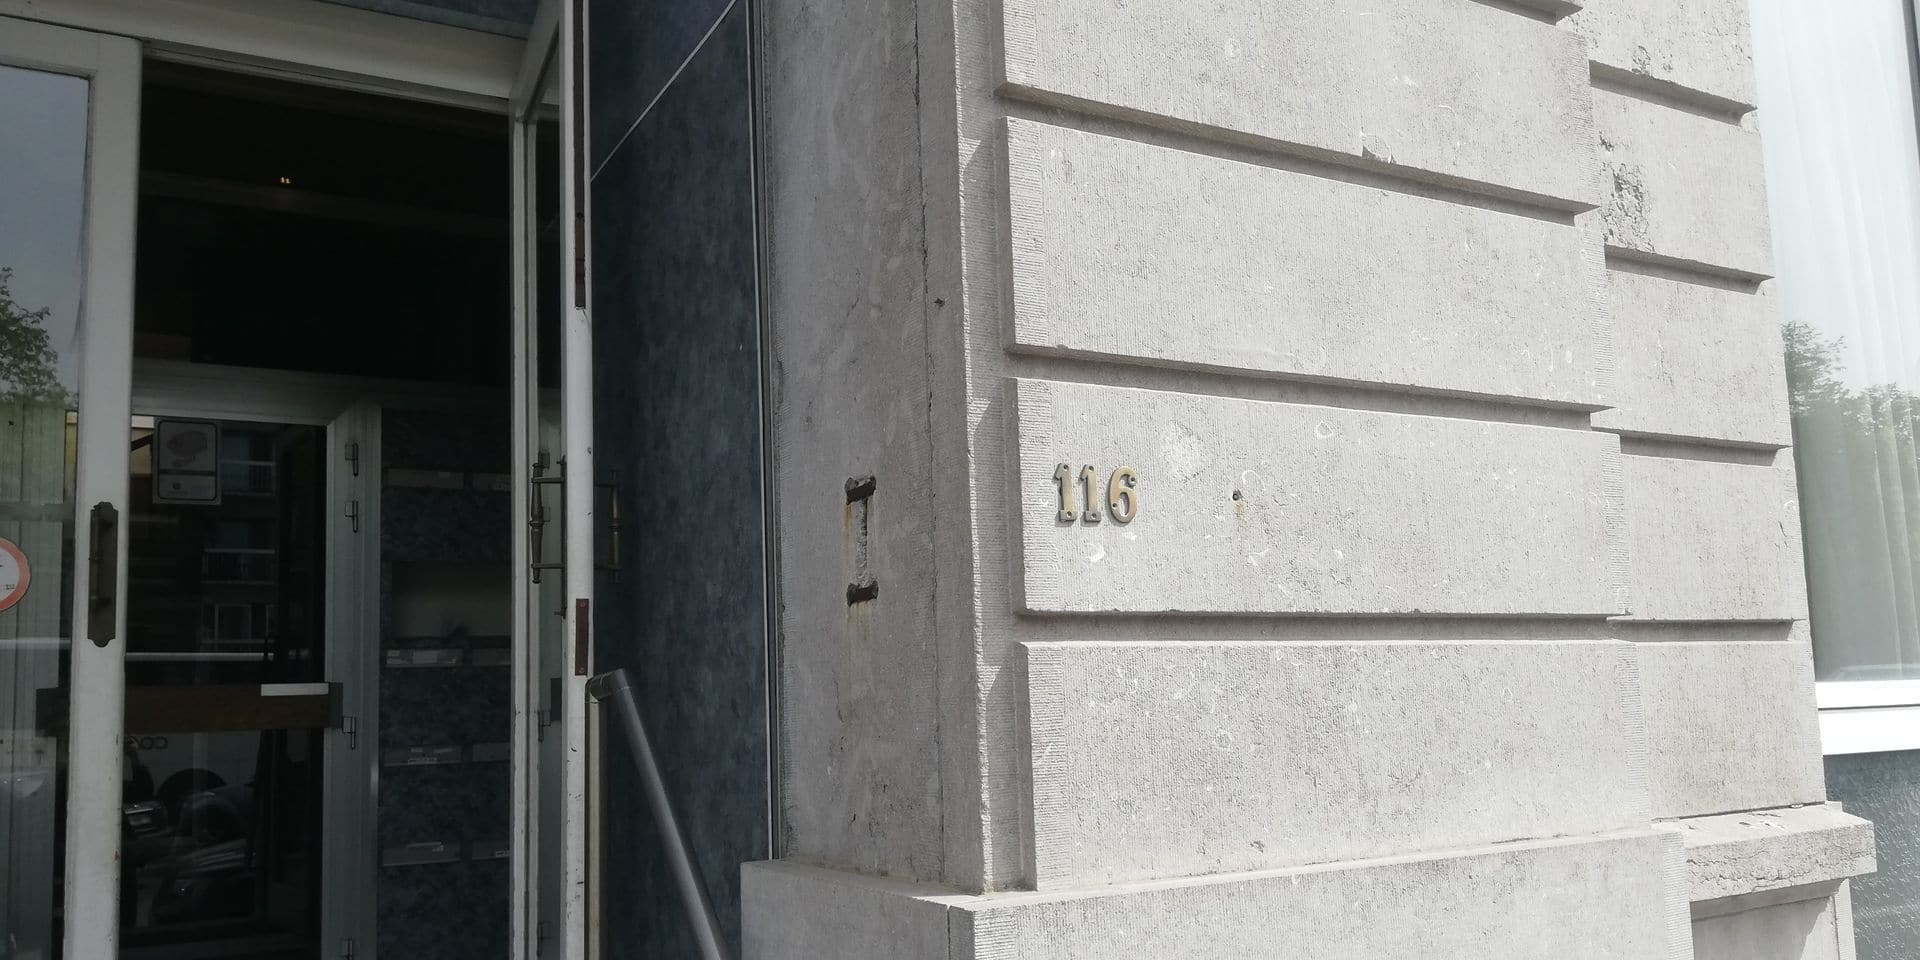 Meurtre de Céline Doignon à Mons : Le procès d'Adrien Curon débute jeudi